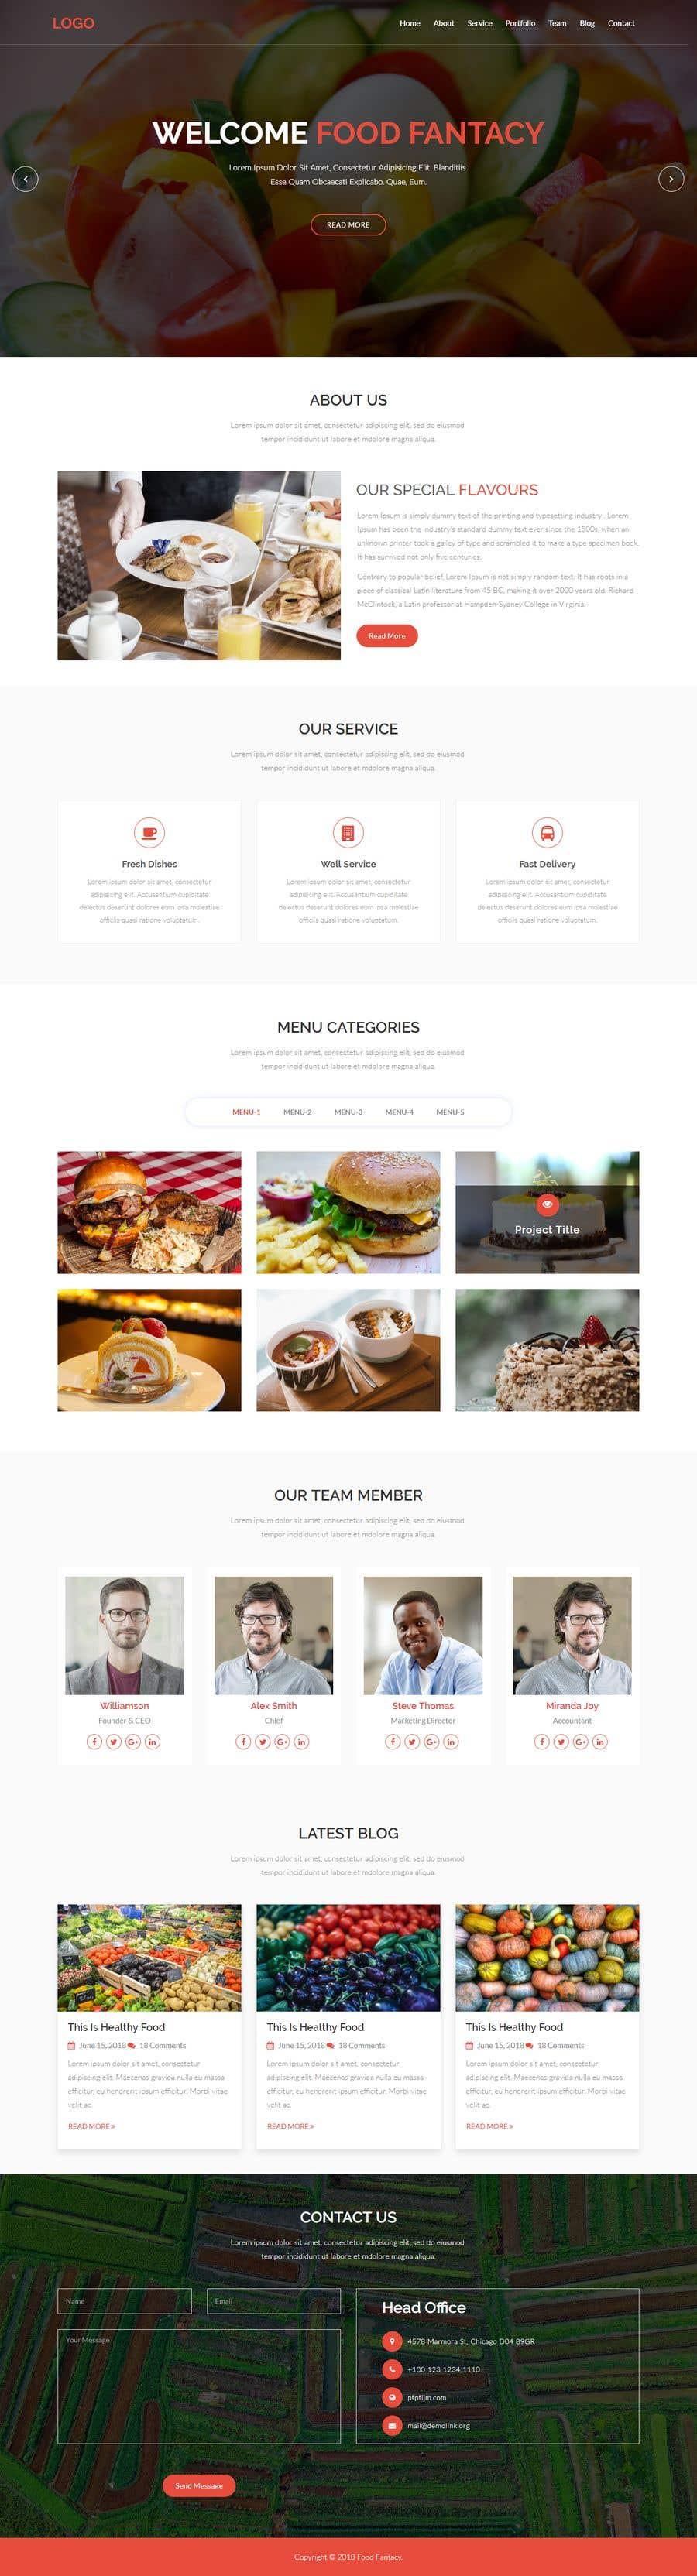 Konkurrenceindlæg #96 for Design A Website and Logo For Restaurant